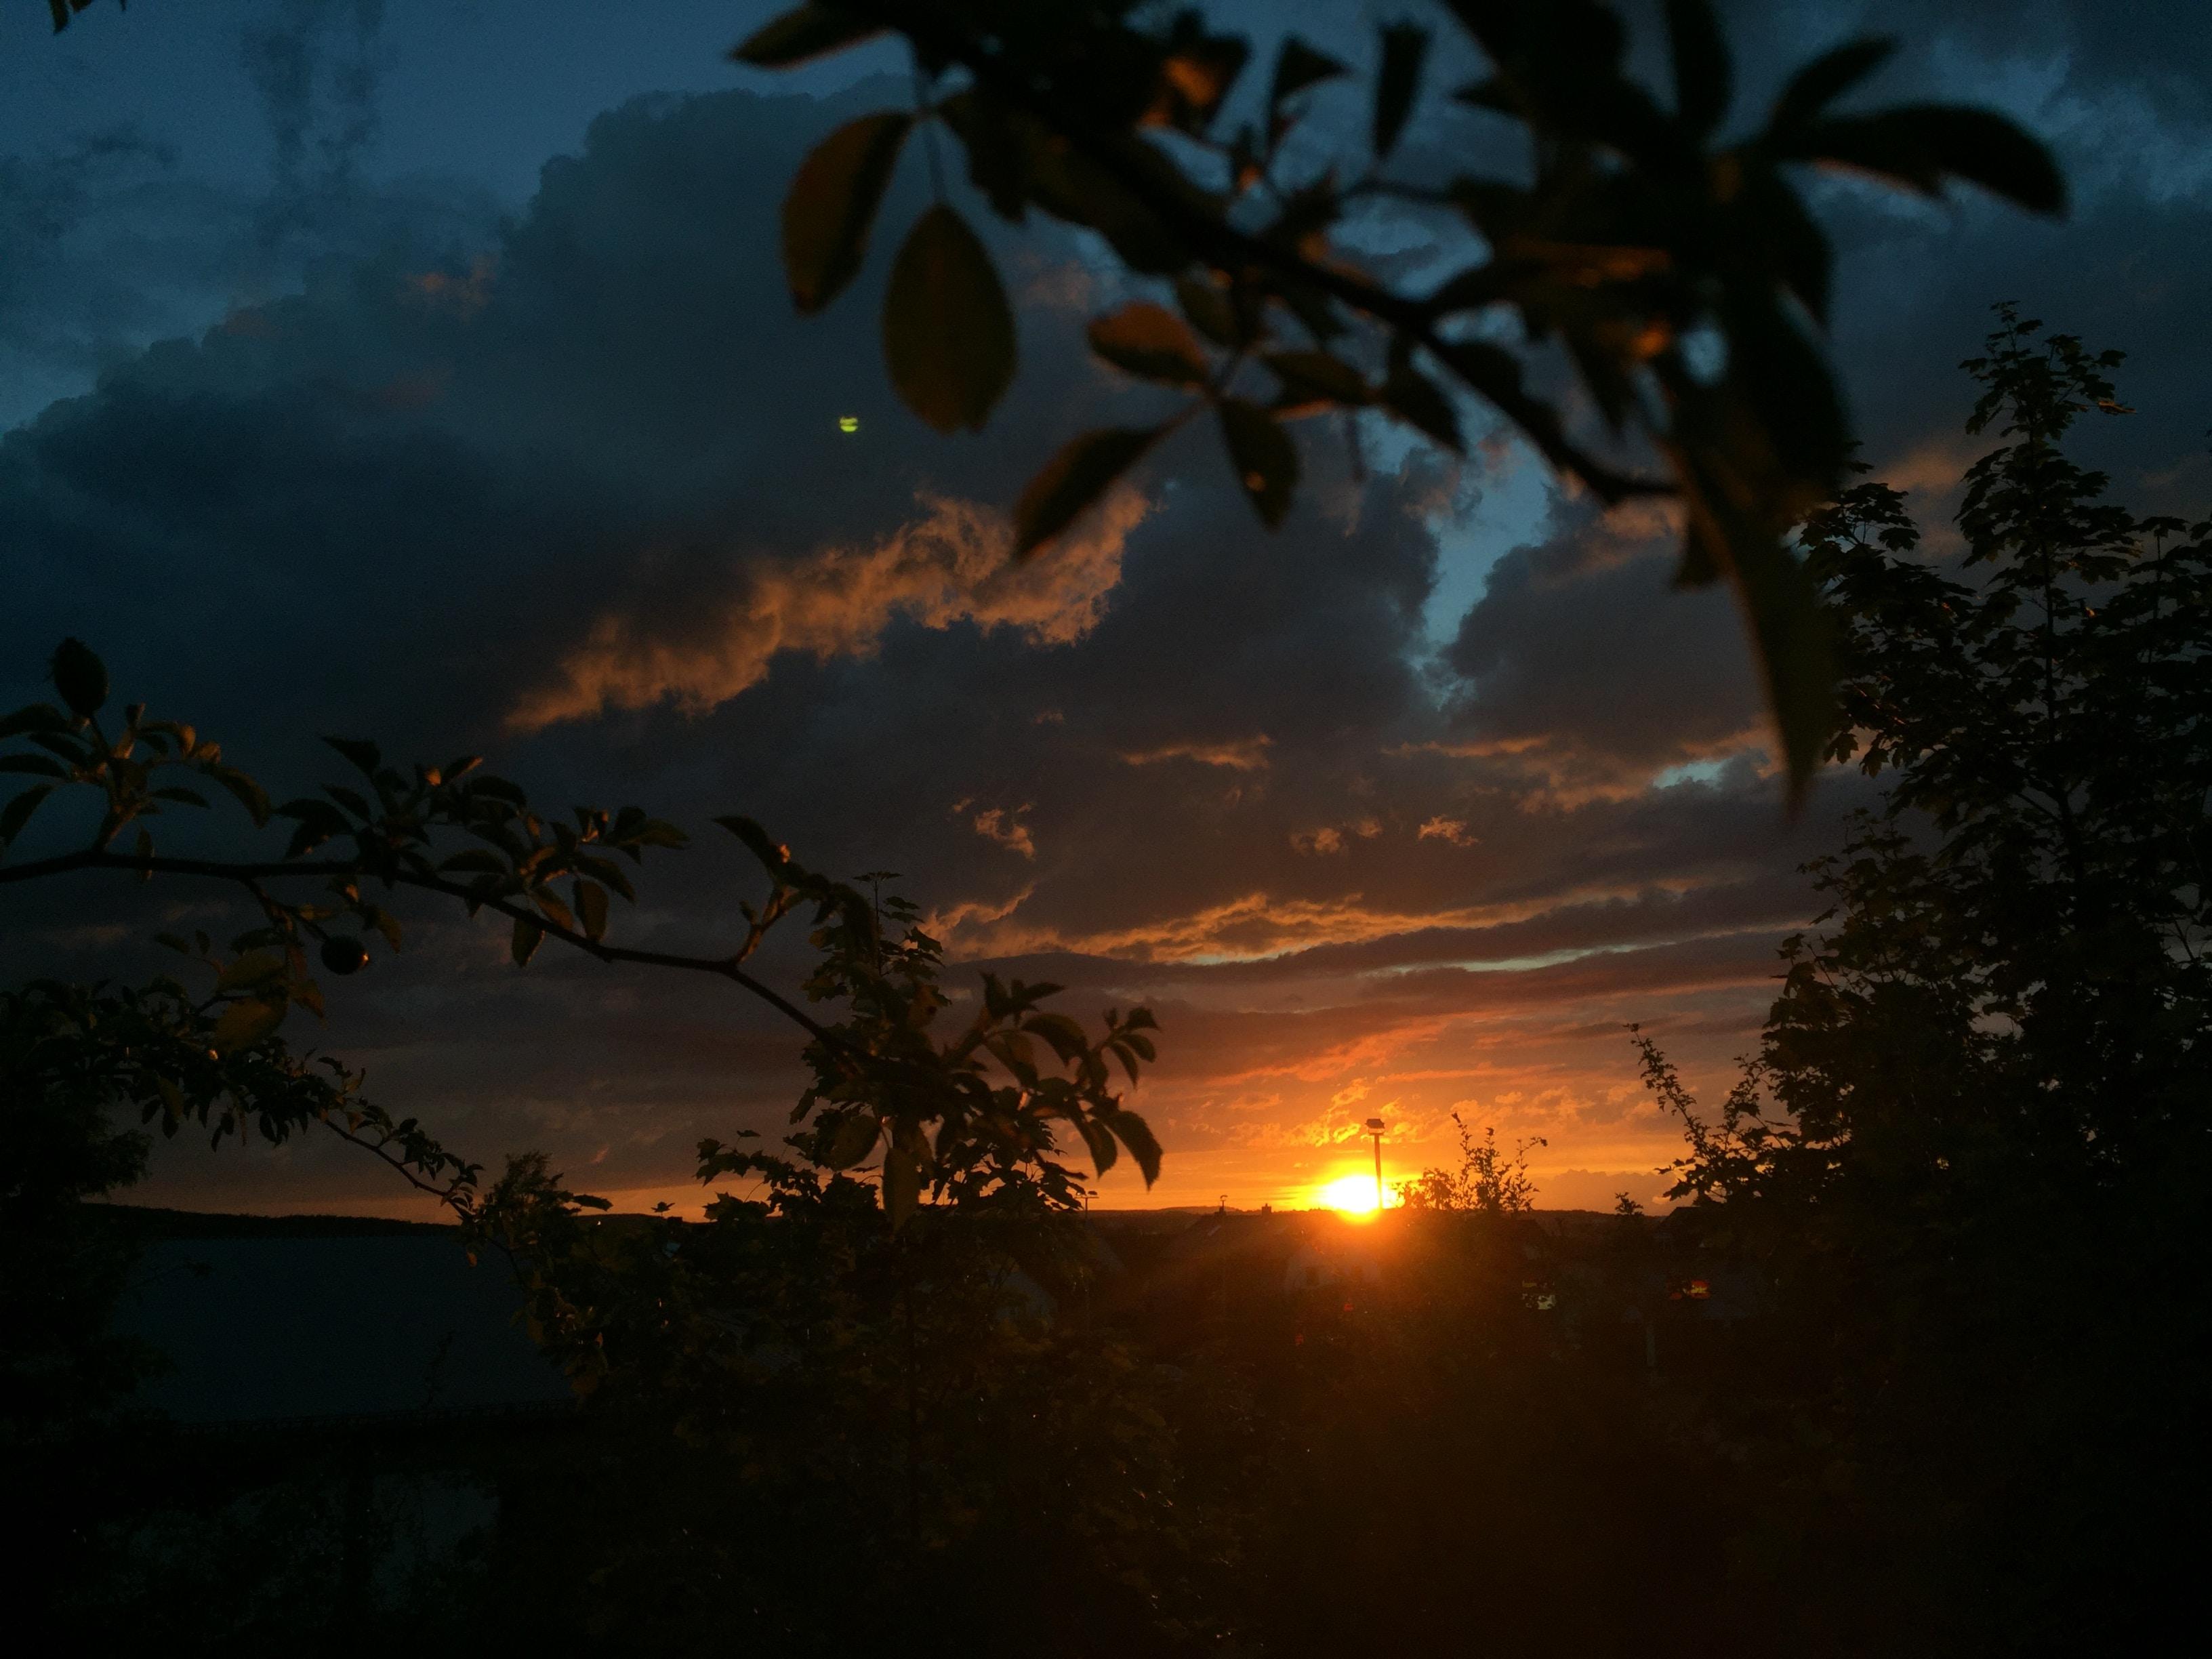 landscape photography of orange sunset